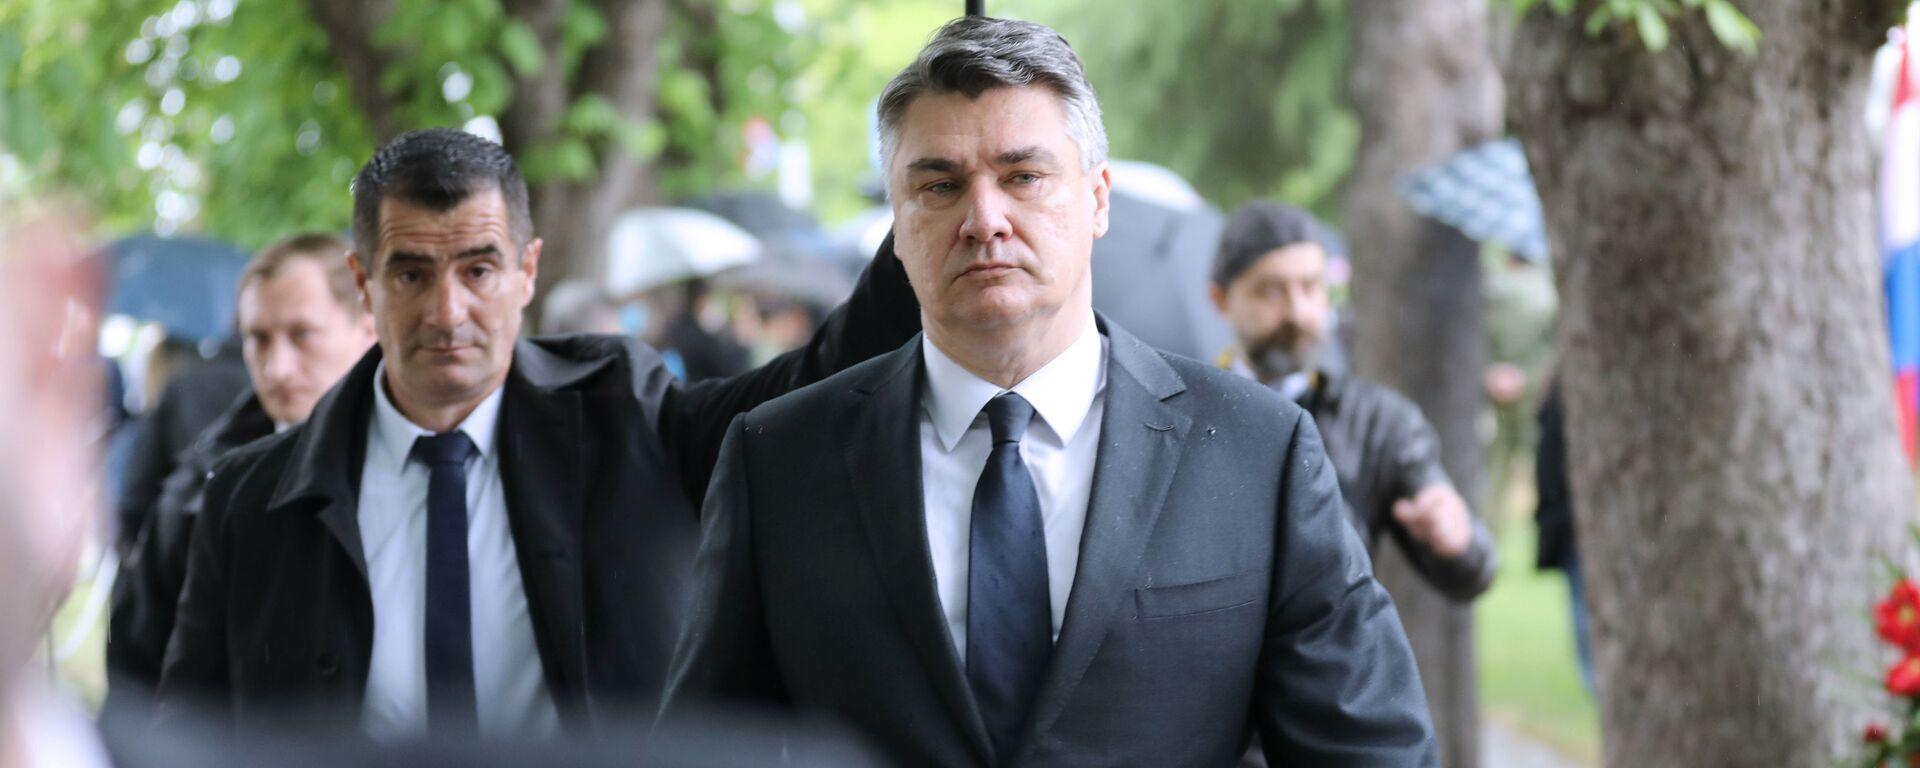 Zoran Milanović - Sputnik Srbija, 1920, 22.06.2020